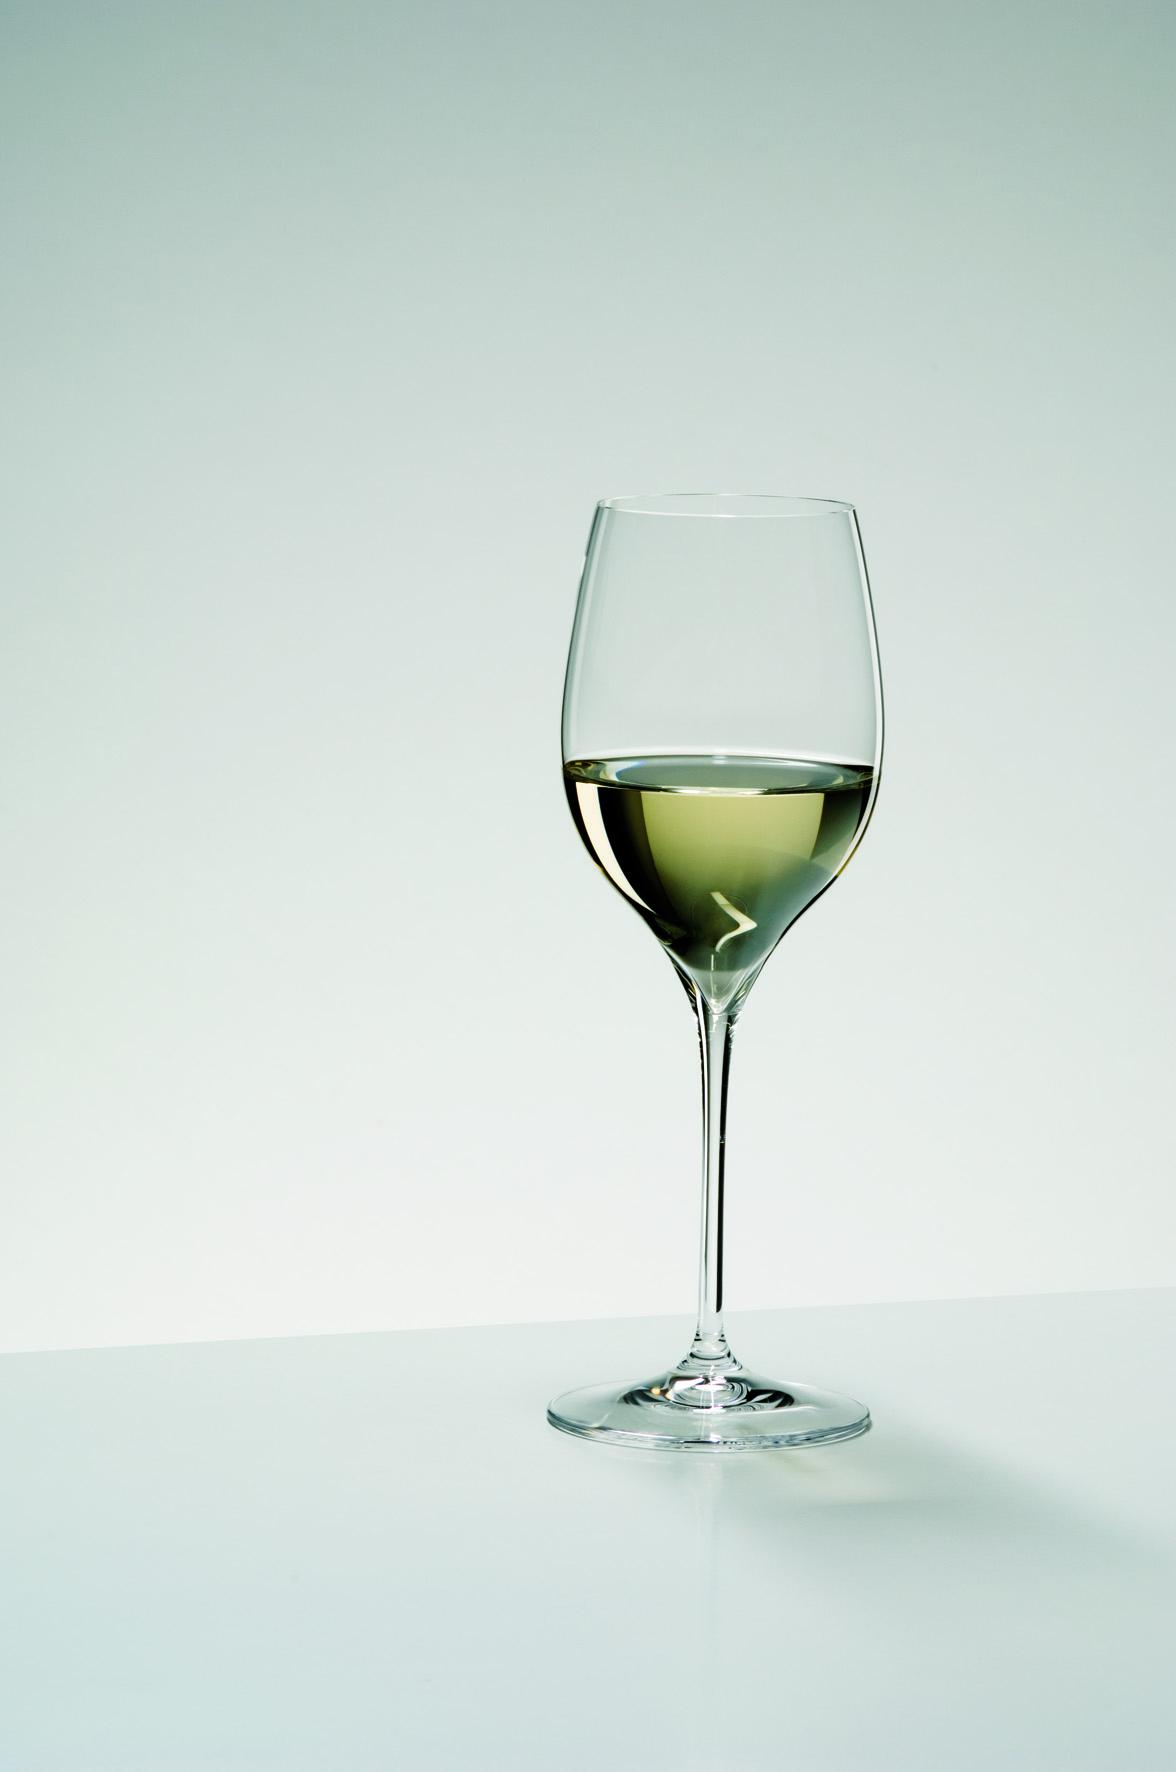 Бокалы Набор бокалов для белого вина 2 шт 320 мл Riedel Grape@Riedel Chardonnay/Viognier nabor-bokalov-dlya-belogo-vina-2-sht-320-ml-riedel-graperiedel-chardonnay-viognier-avstriya.jpg